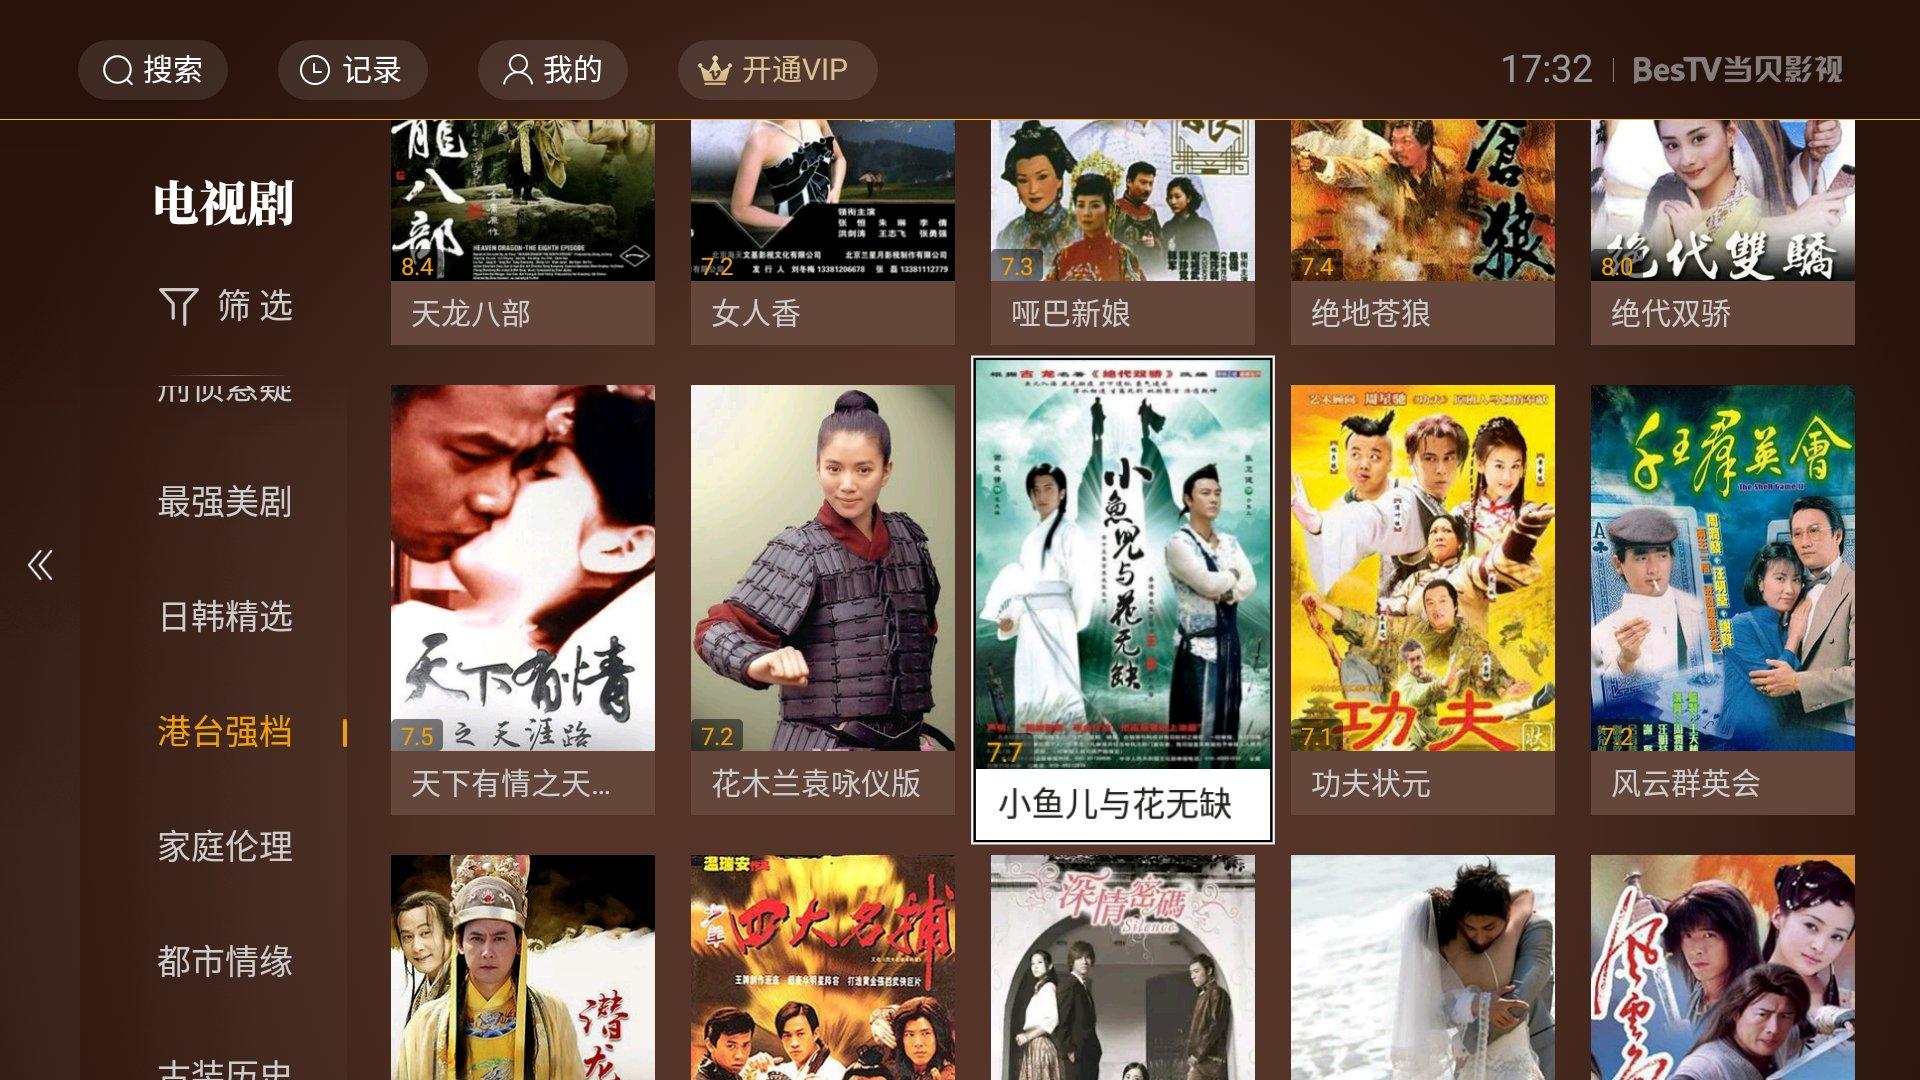 哪里可以看TVB最新电视剧?用这几款相见恨晚的神仙APP!